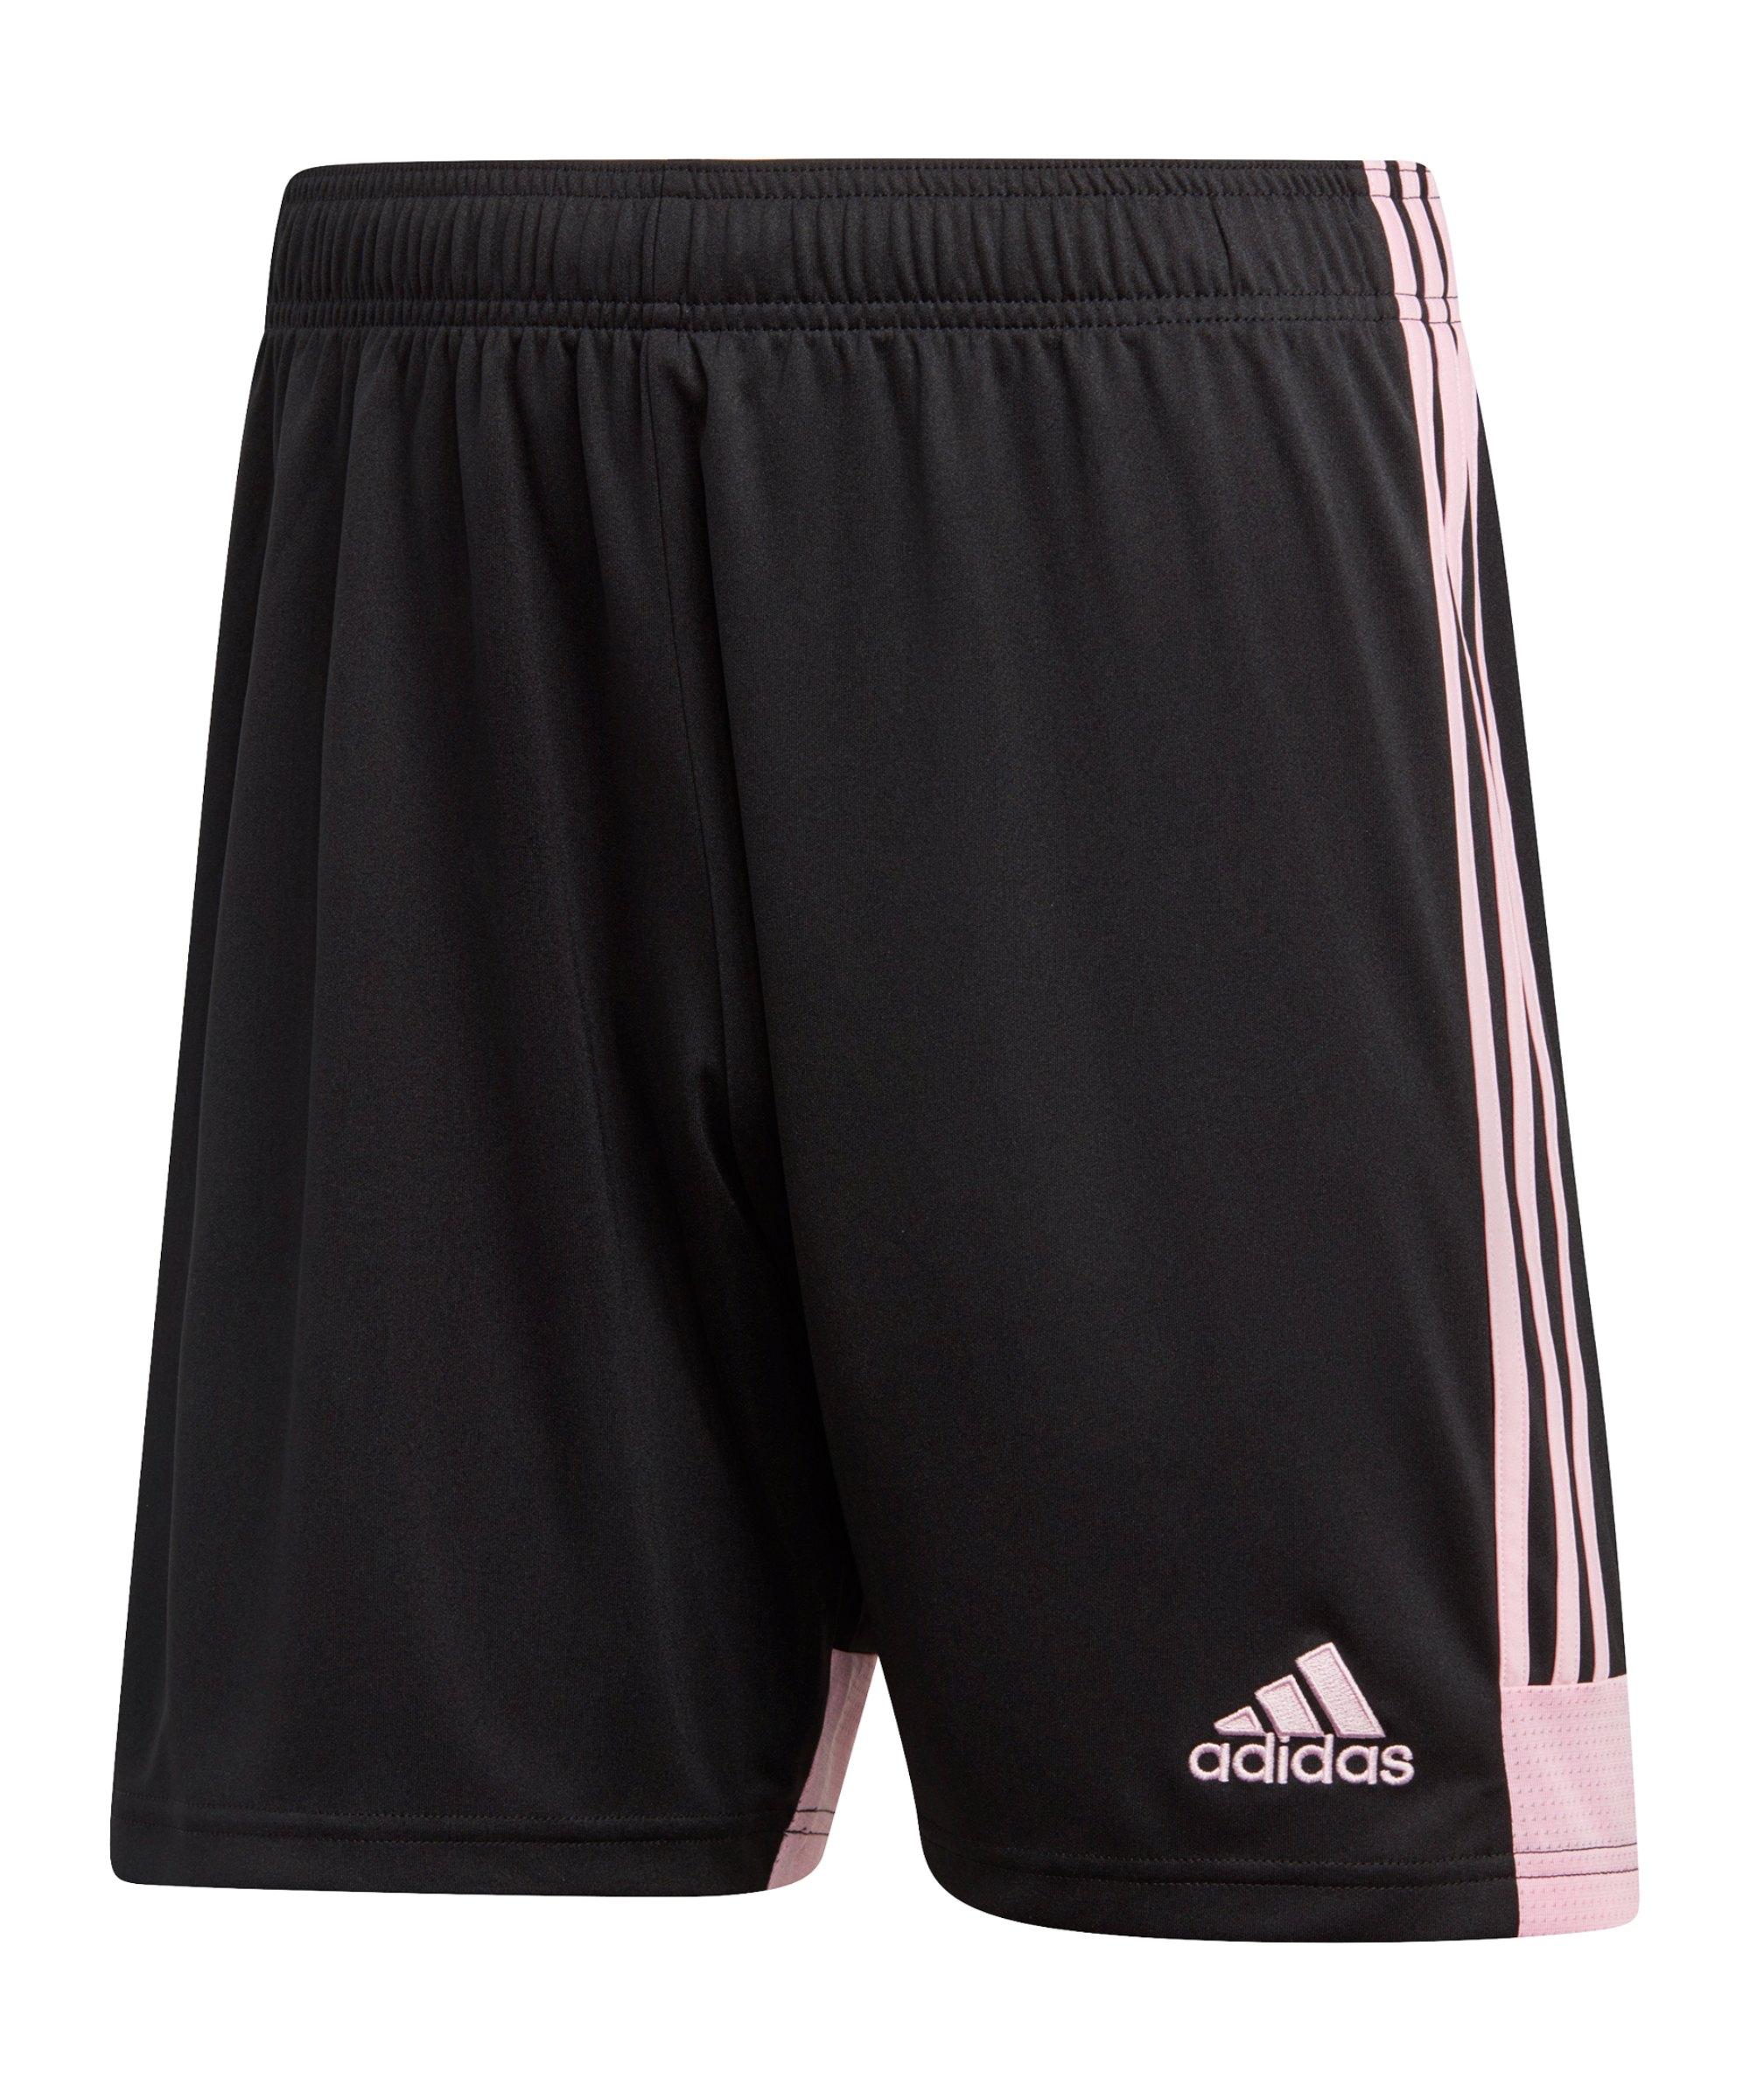 adidas Tastigo 19 Short Kids Schwarz Pink - schwarz